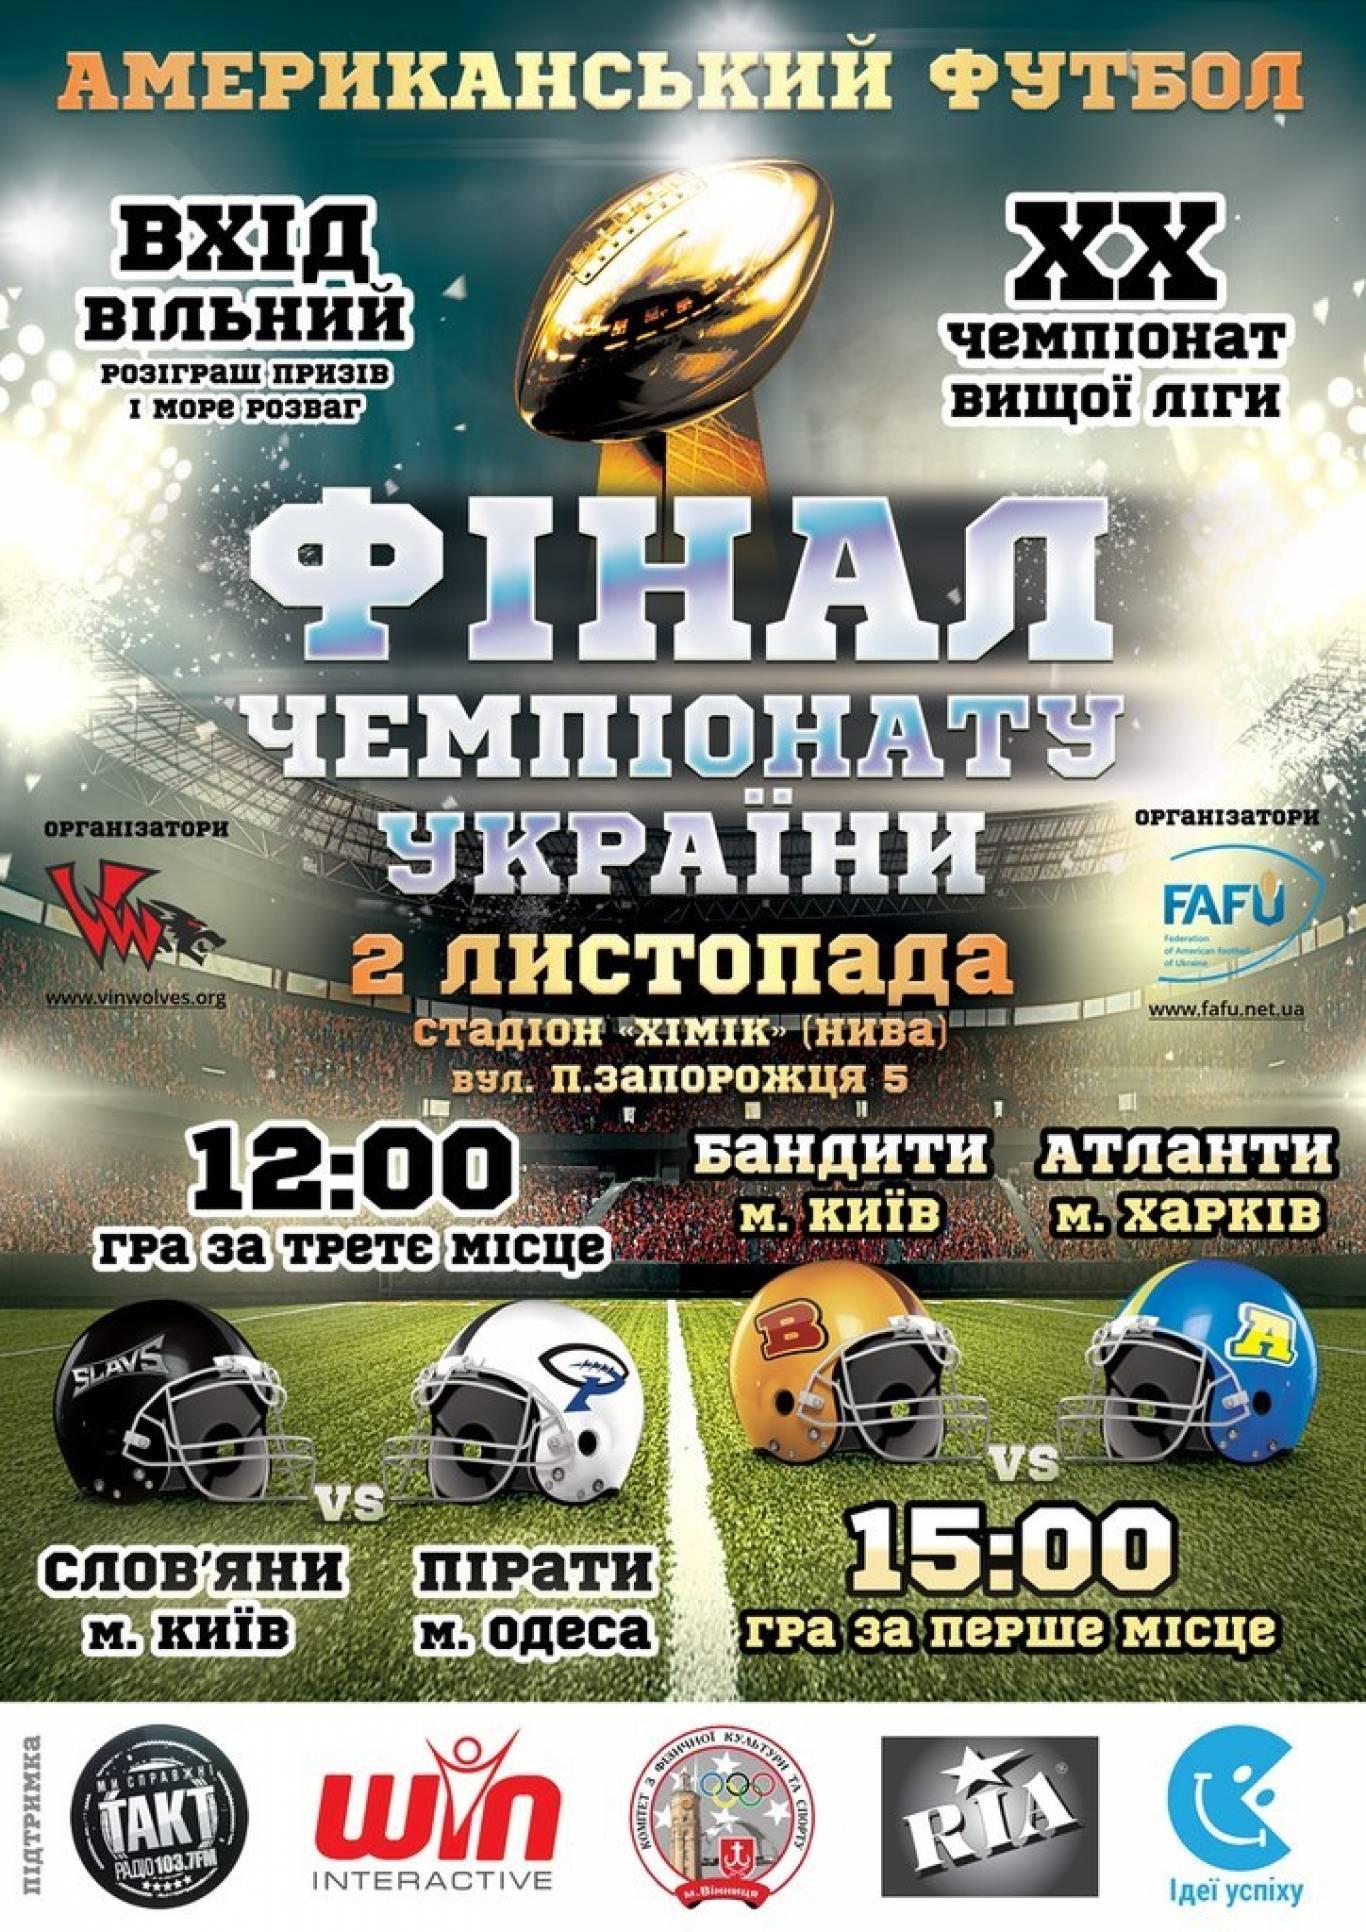 Фінал Чемпіонату України з американського футболу